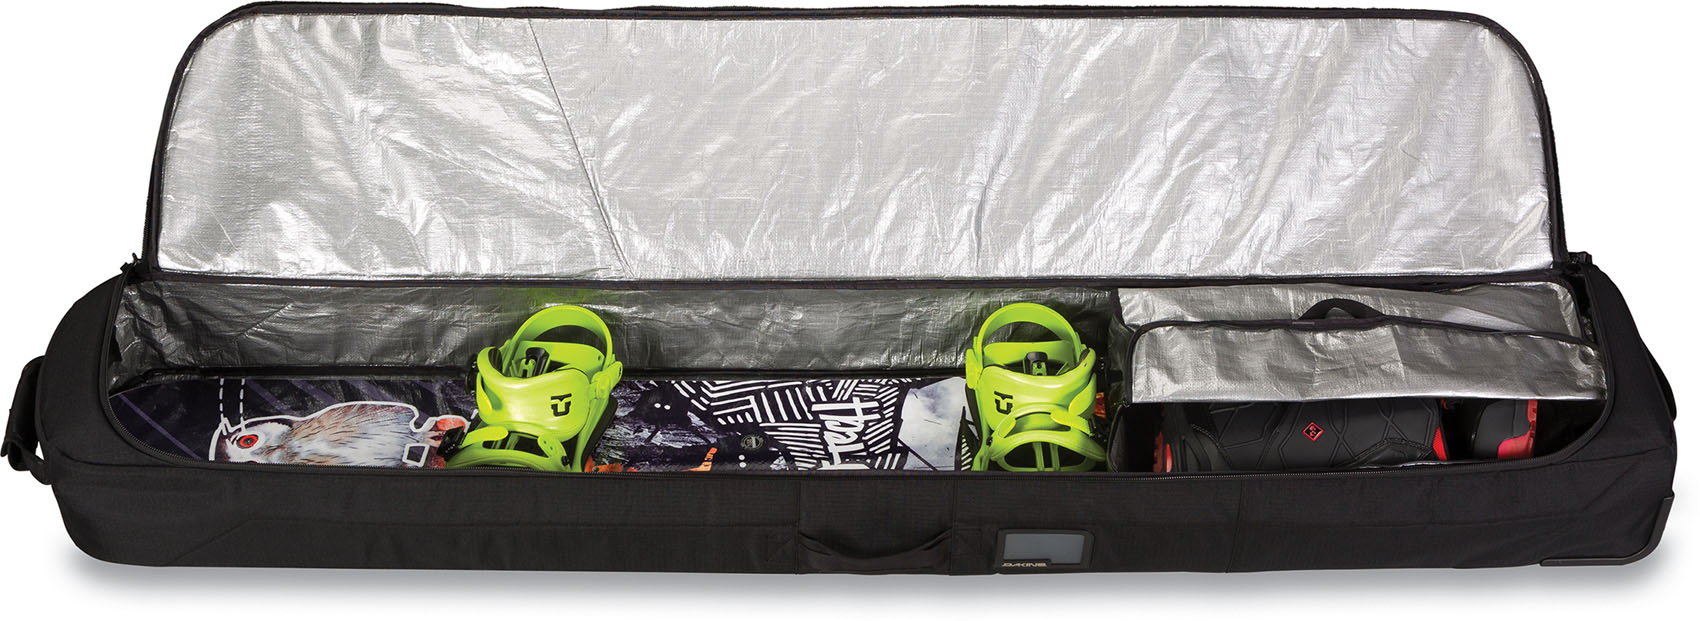 Dakine mit mit Dakine Rädern Koffer - Niedriger Roller Snowboard Tasche - Gepolstert Reise, e3d885